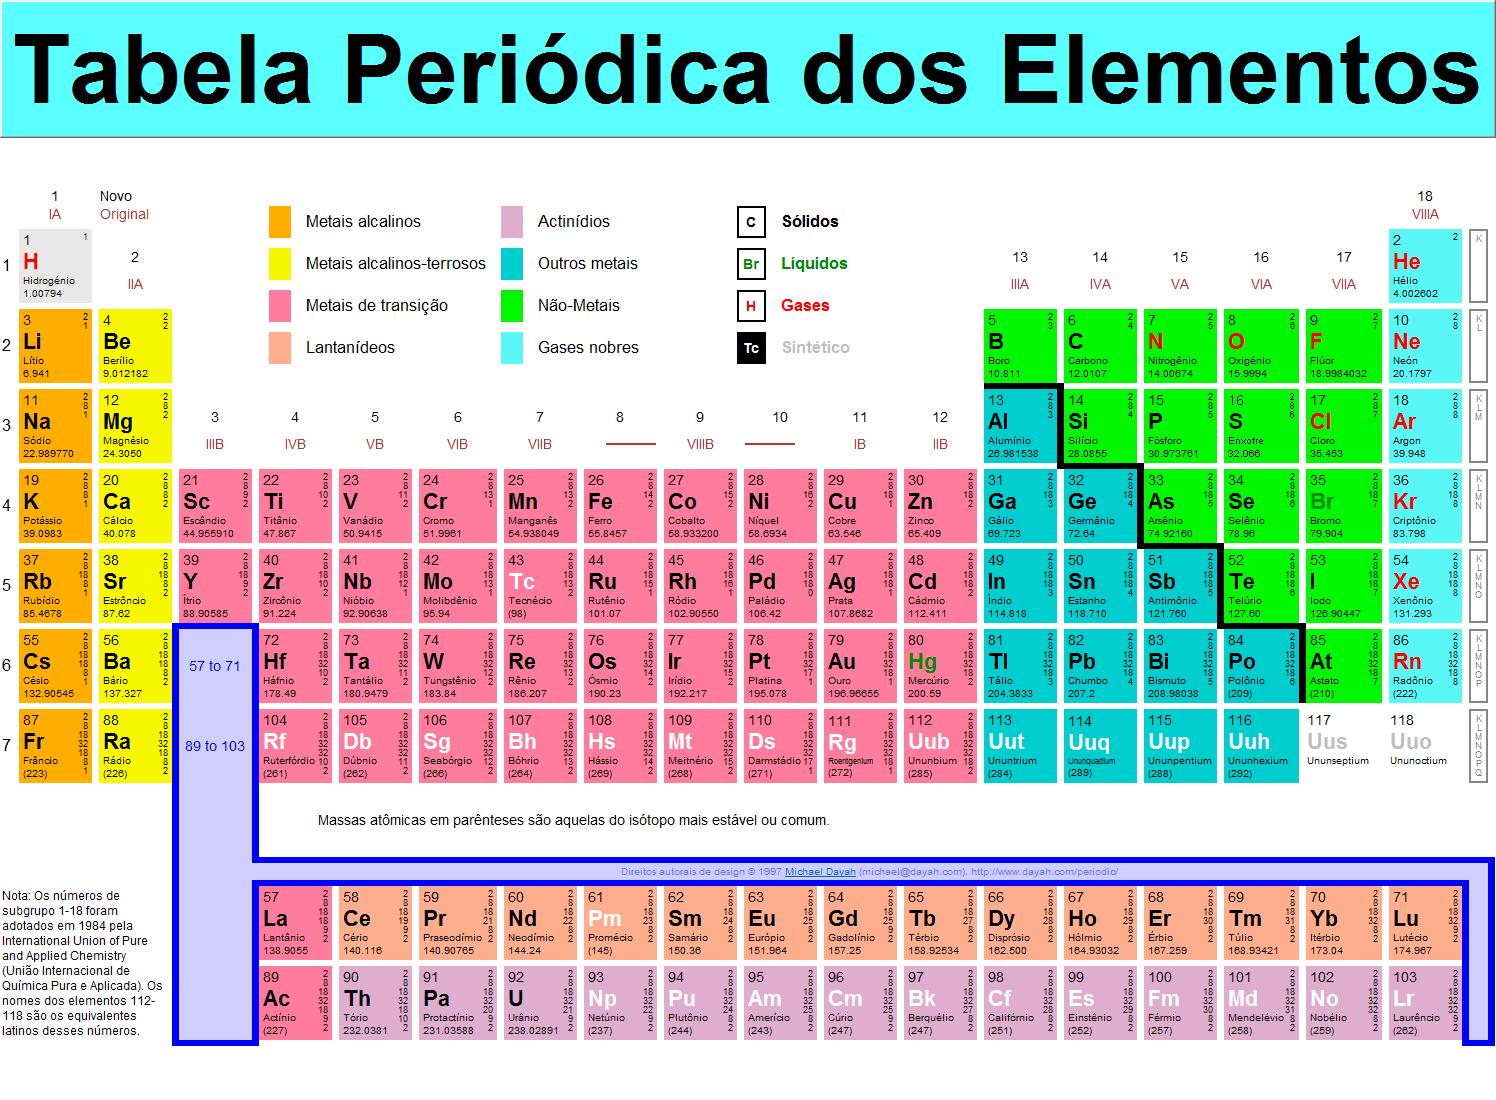 Tabela criada por Dmitry Mendeleev.